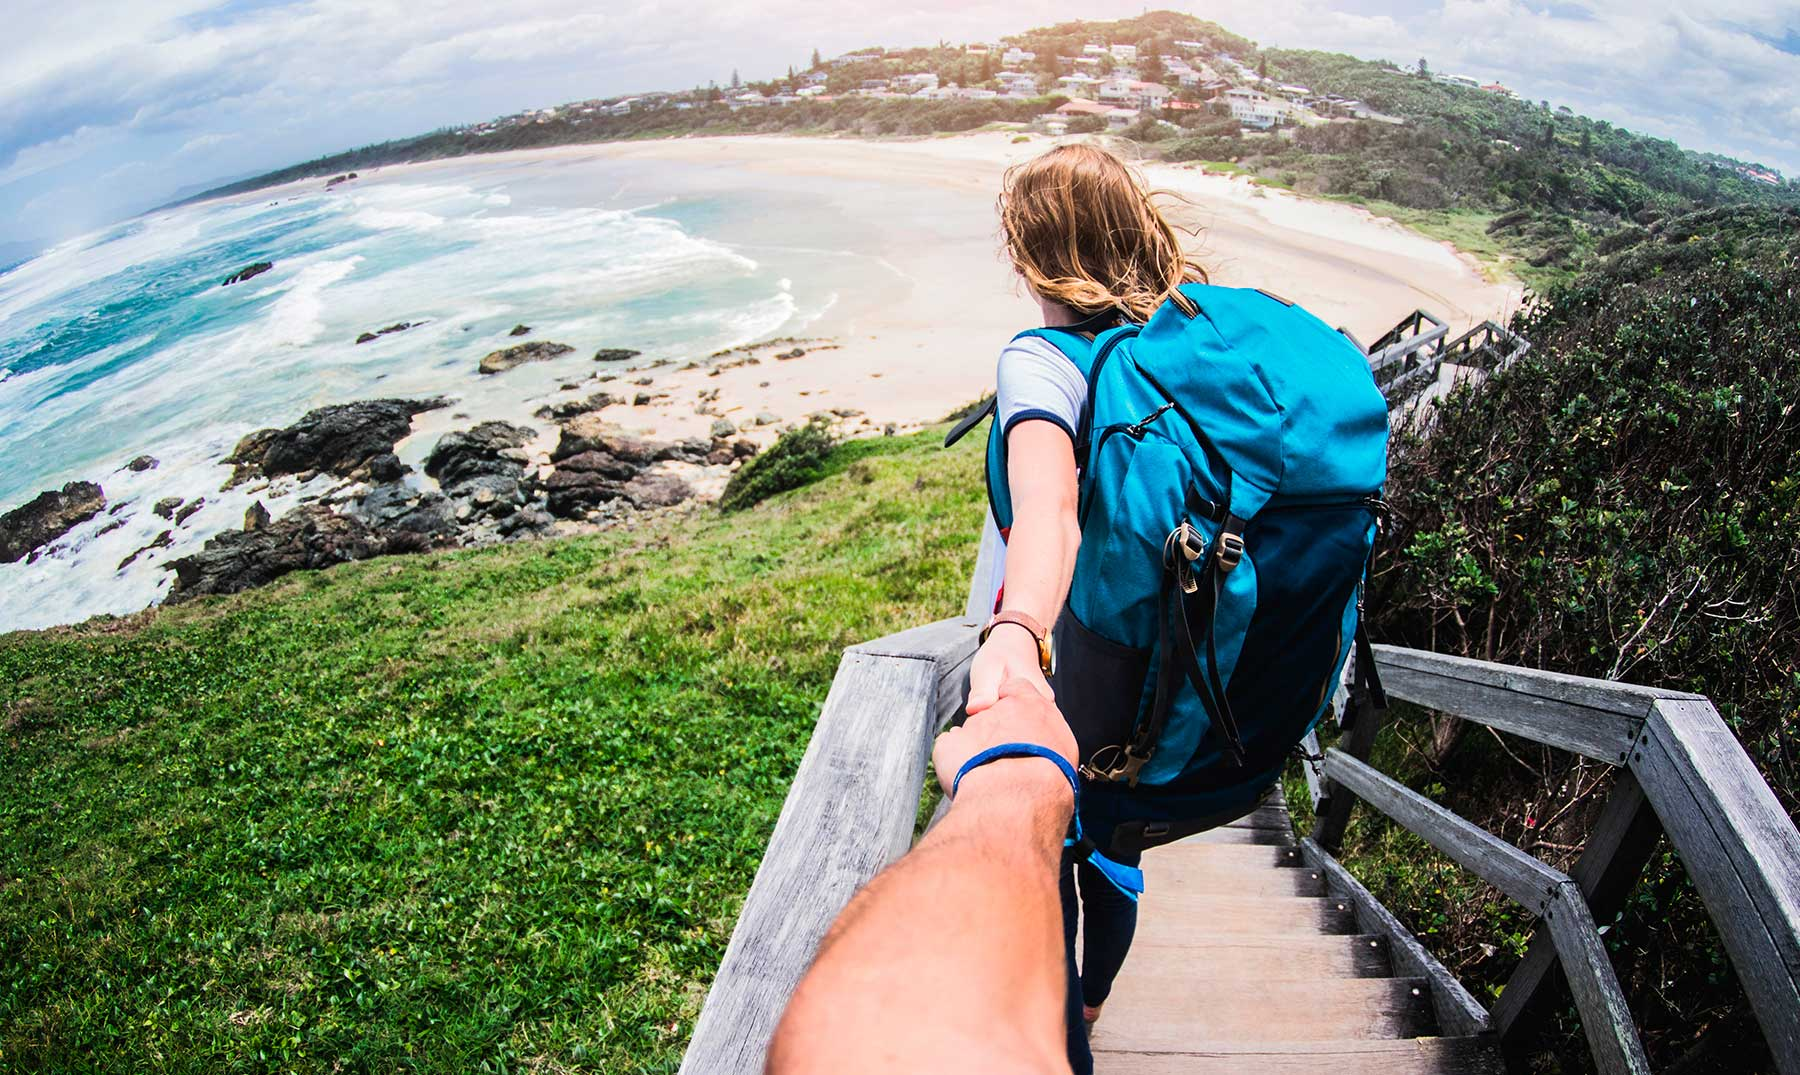 110 Frases Para Vacaciones Desconexión Necesaria De La